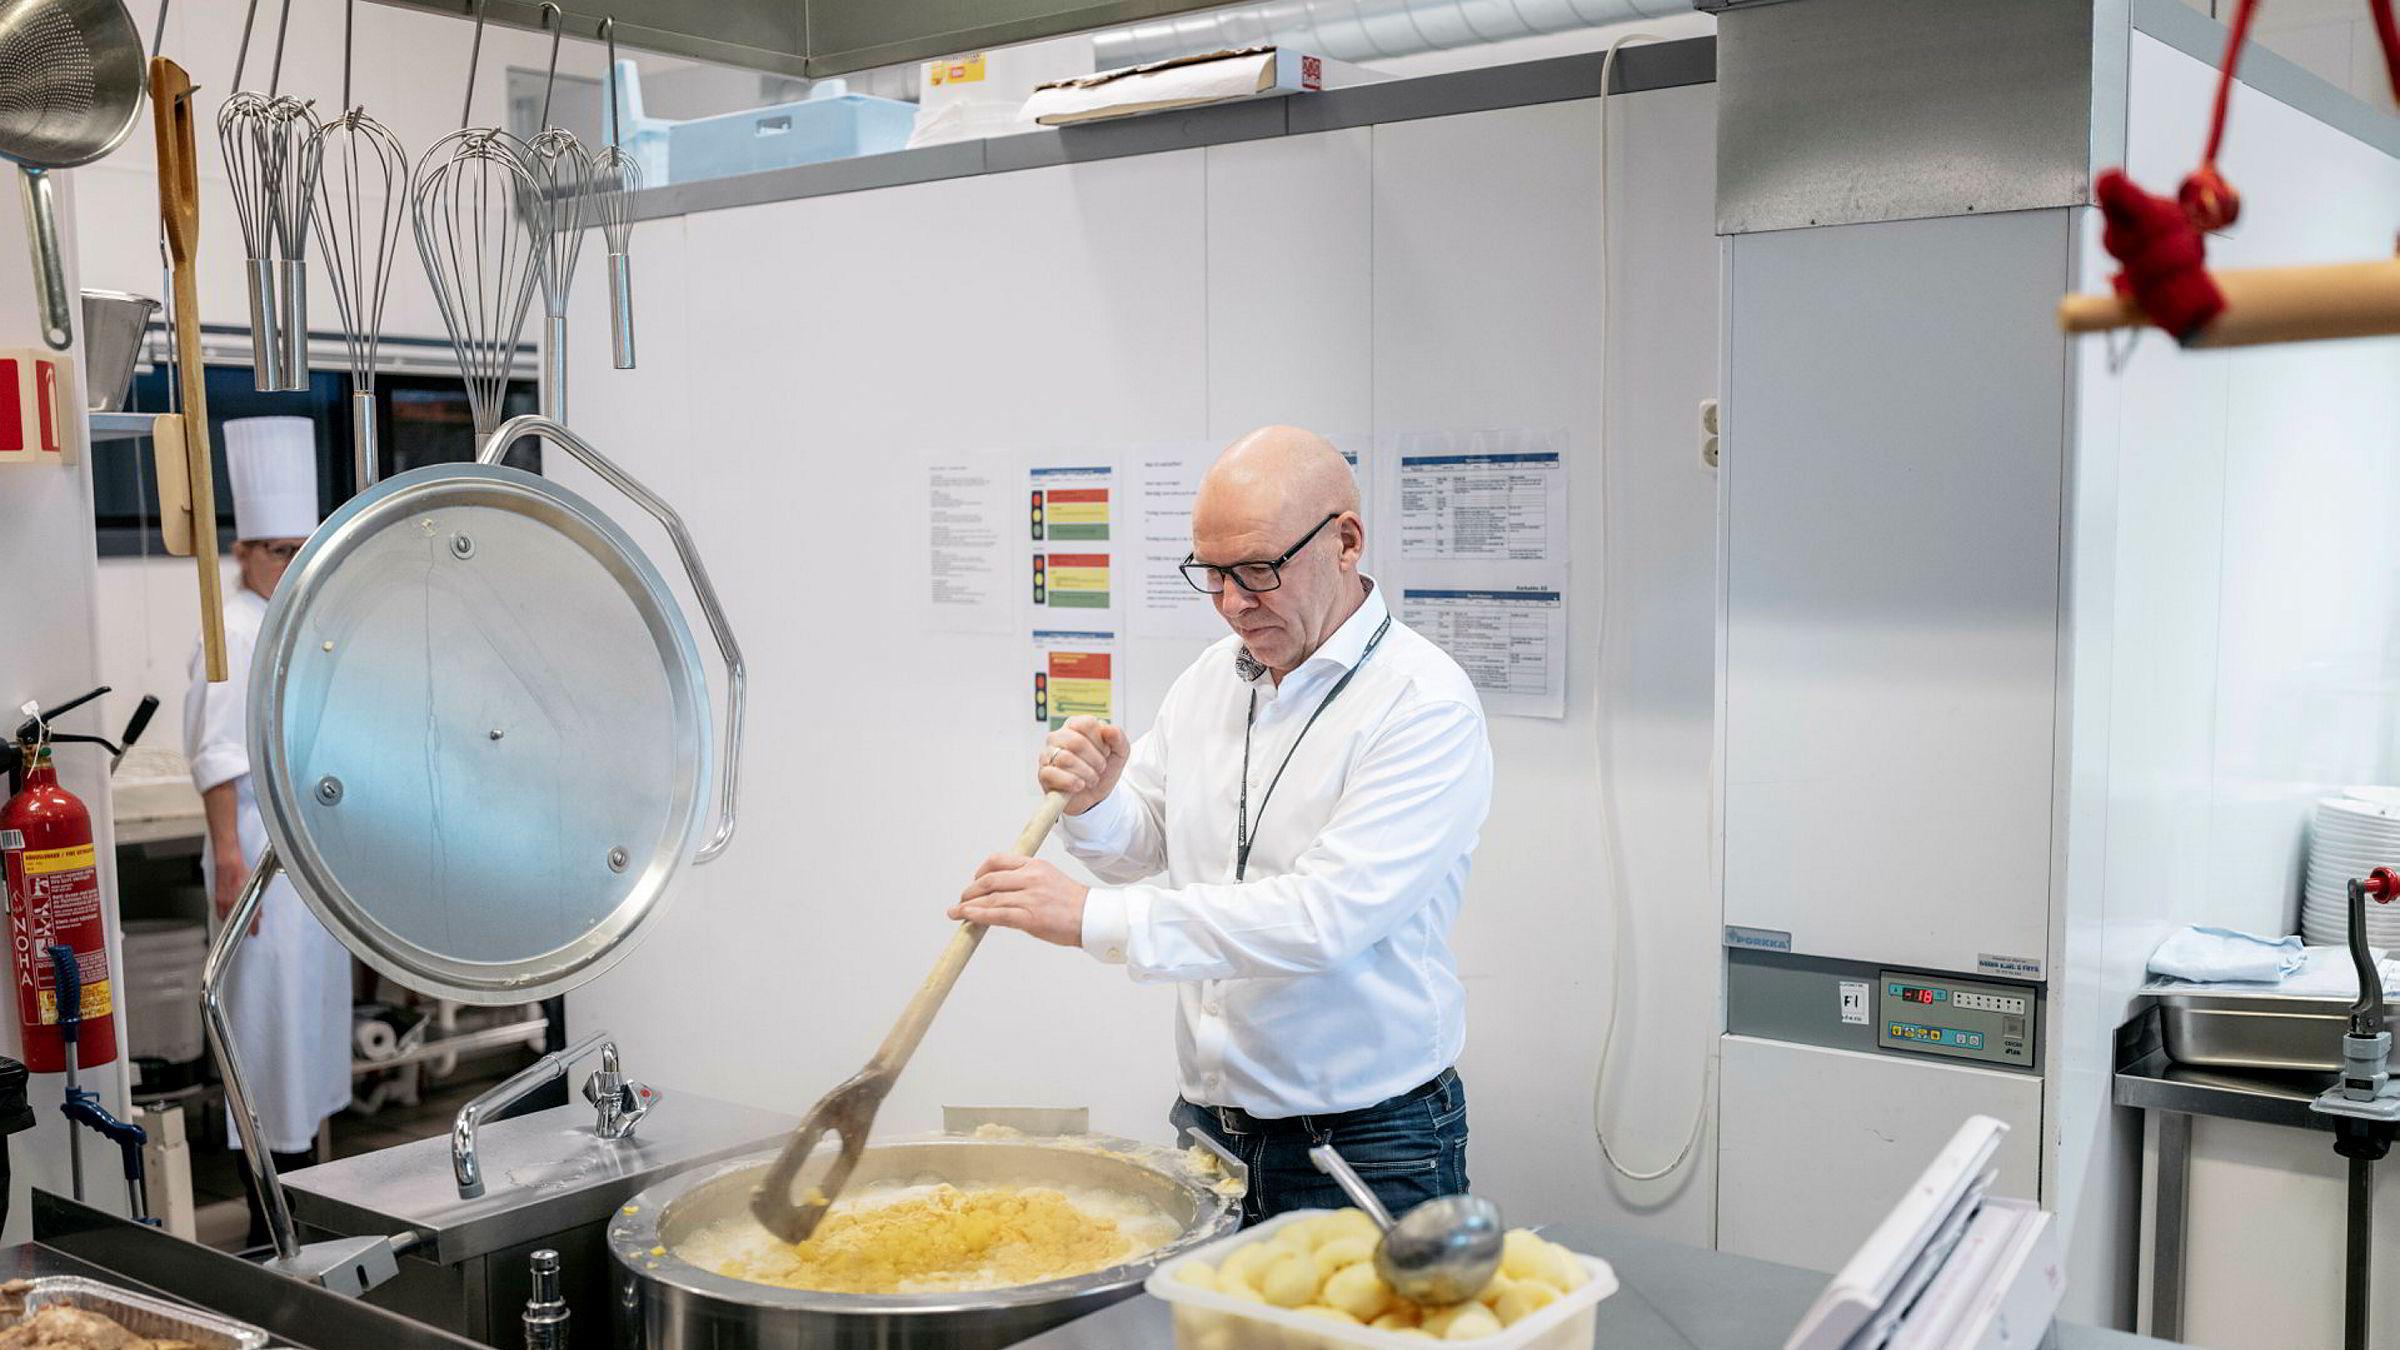 Lille julaften ble det feiret med pinnekjøtt hos Inge Brigt Aarbakke. Nå nærmer omsetningen seg en milliard kroner, mer enn doblet siden for to år siden.